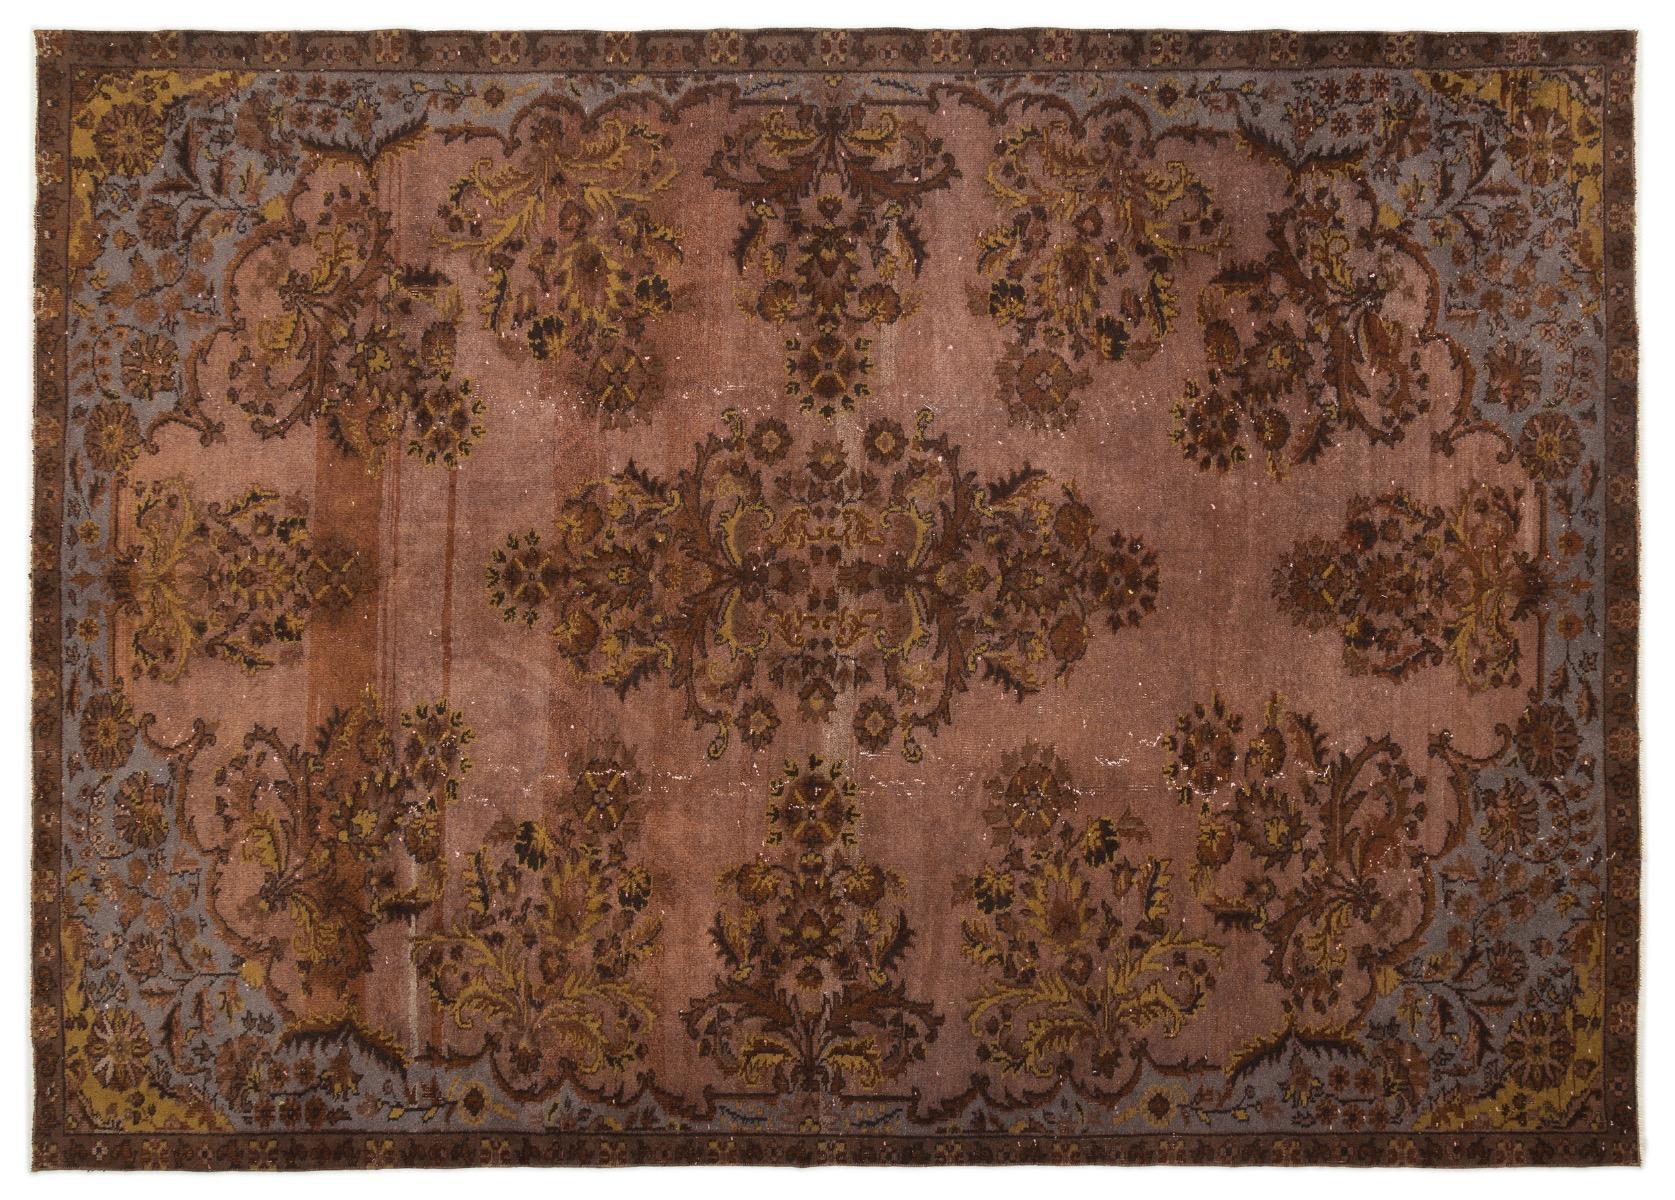 Vintage vloerkleed 17073 298cm x 215cm